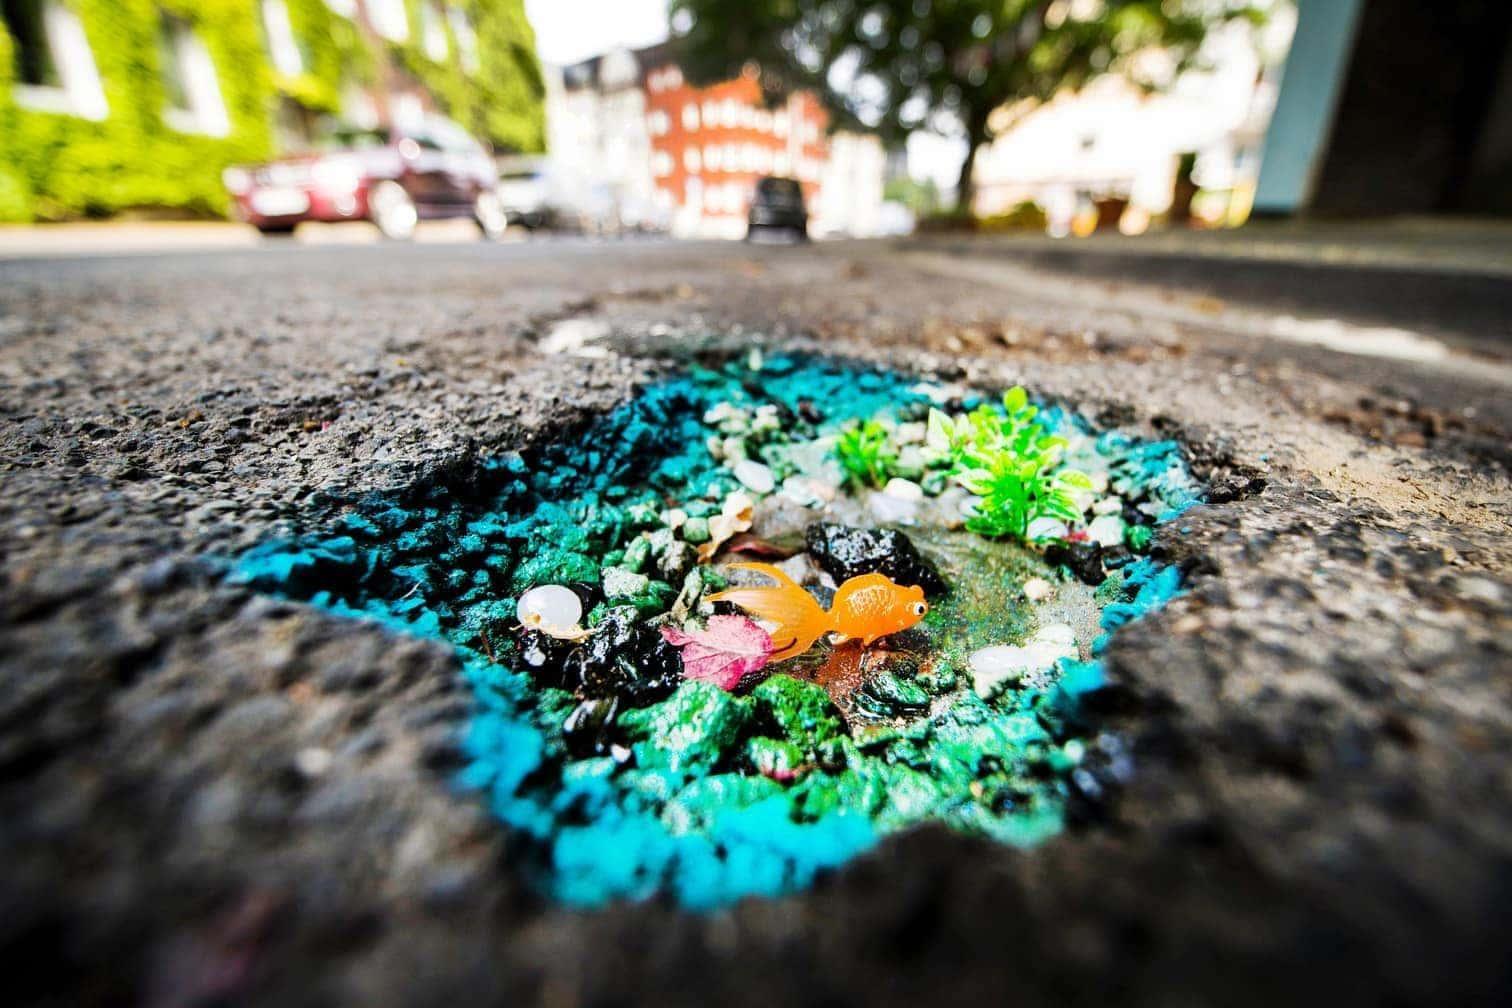 <p>Am Freitag wurde der mittlerweile bundesweit bekannte Straßen-Krater in Mönchengladbach mit durchsichtigem Kunstharz aufgefüllt. </p> Foto: dpa